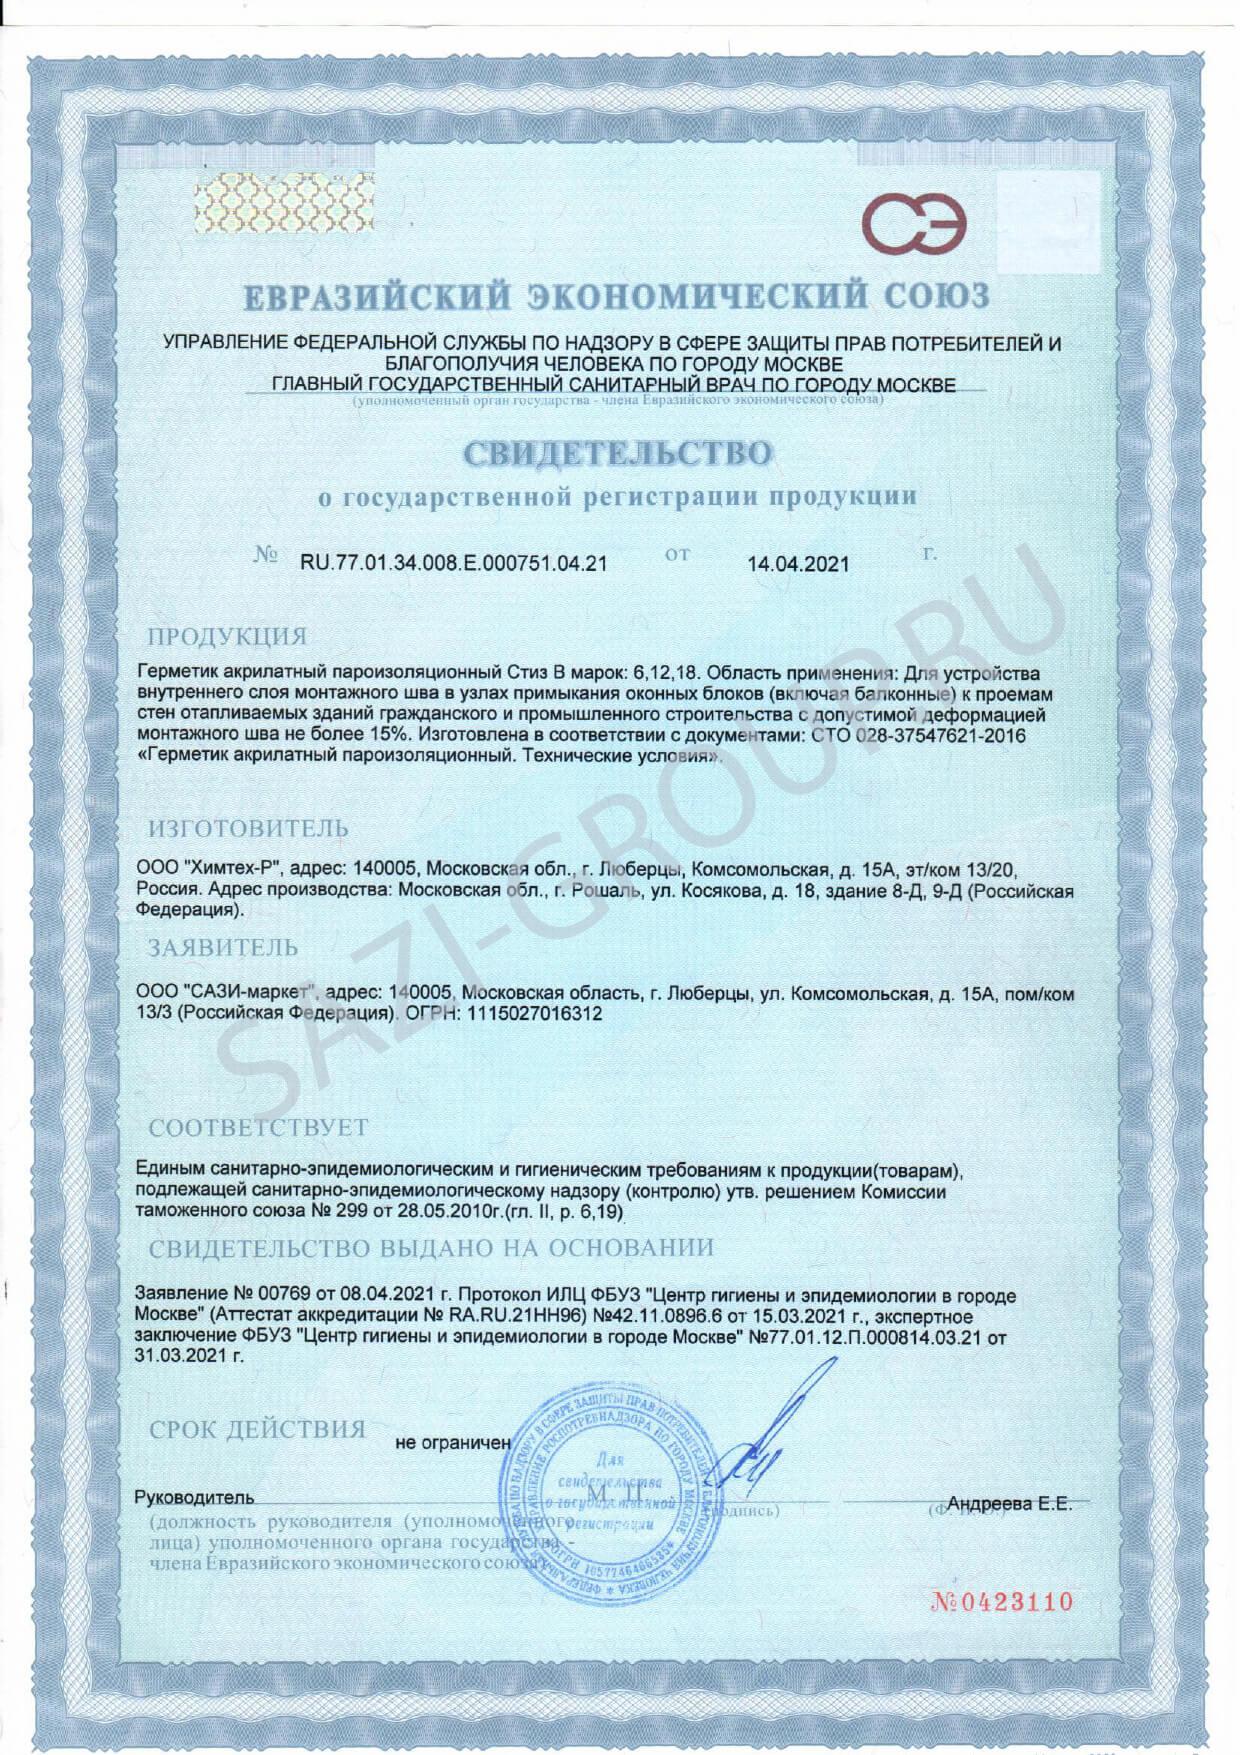 Сертификация фальшчетверти обязательная сертификация и декларирование соответствия при импорте товаров